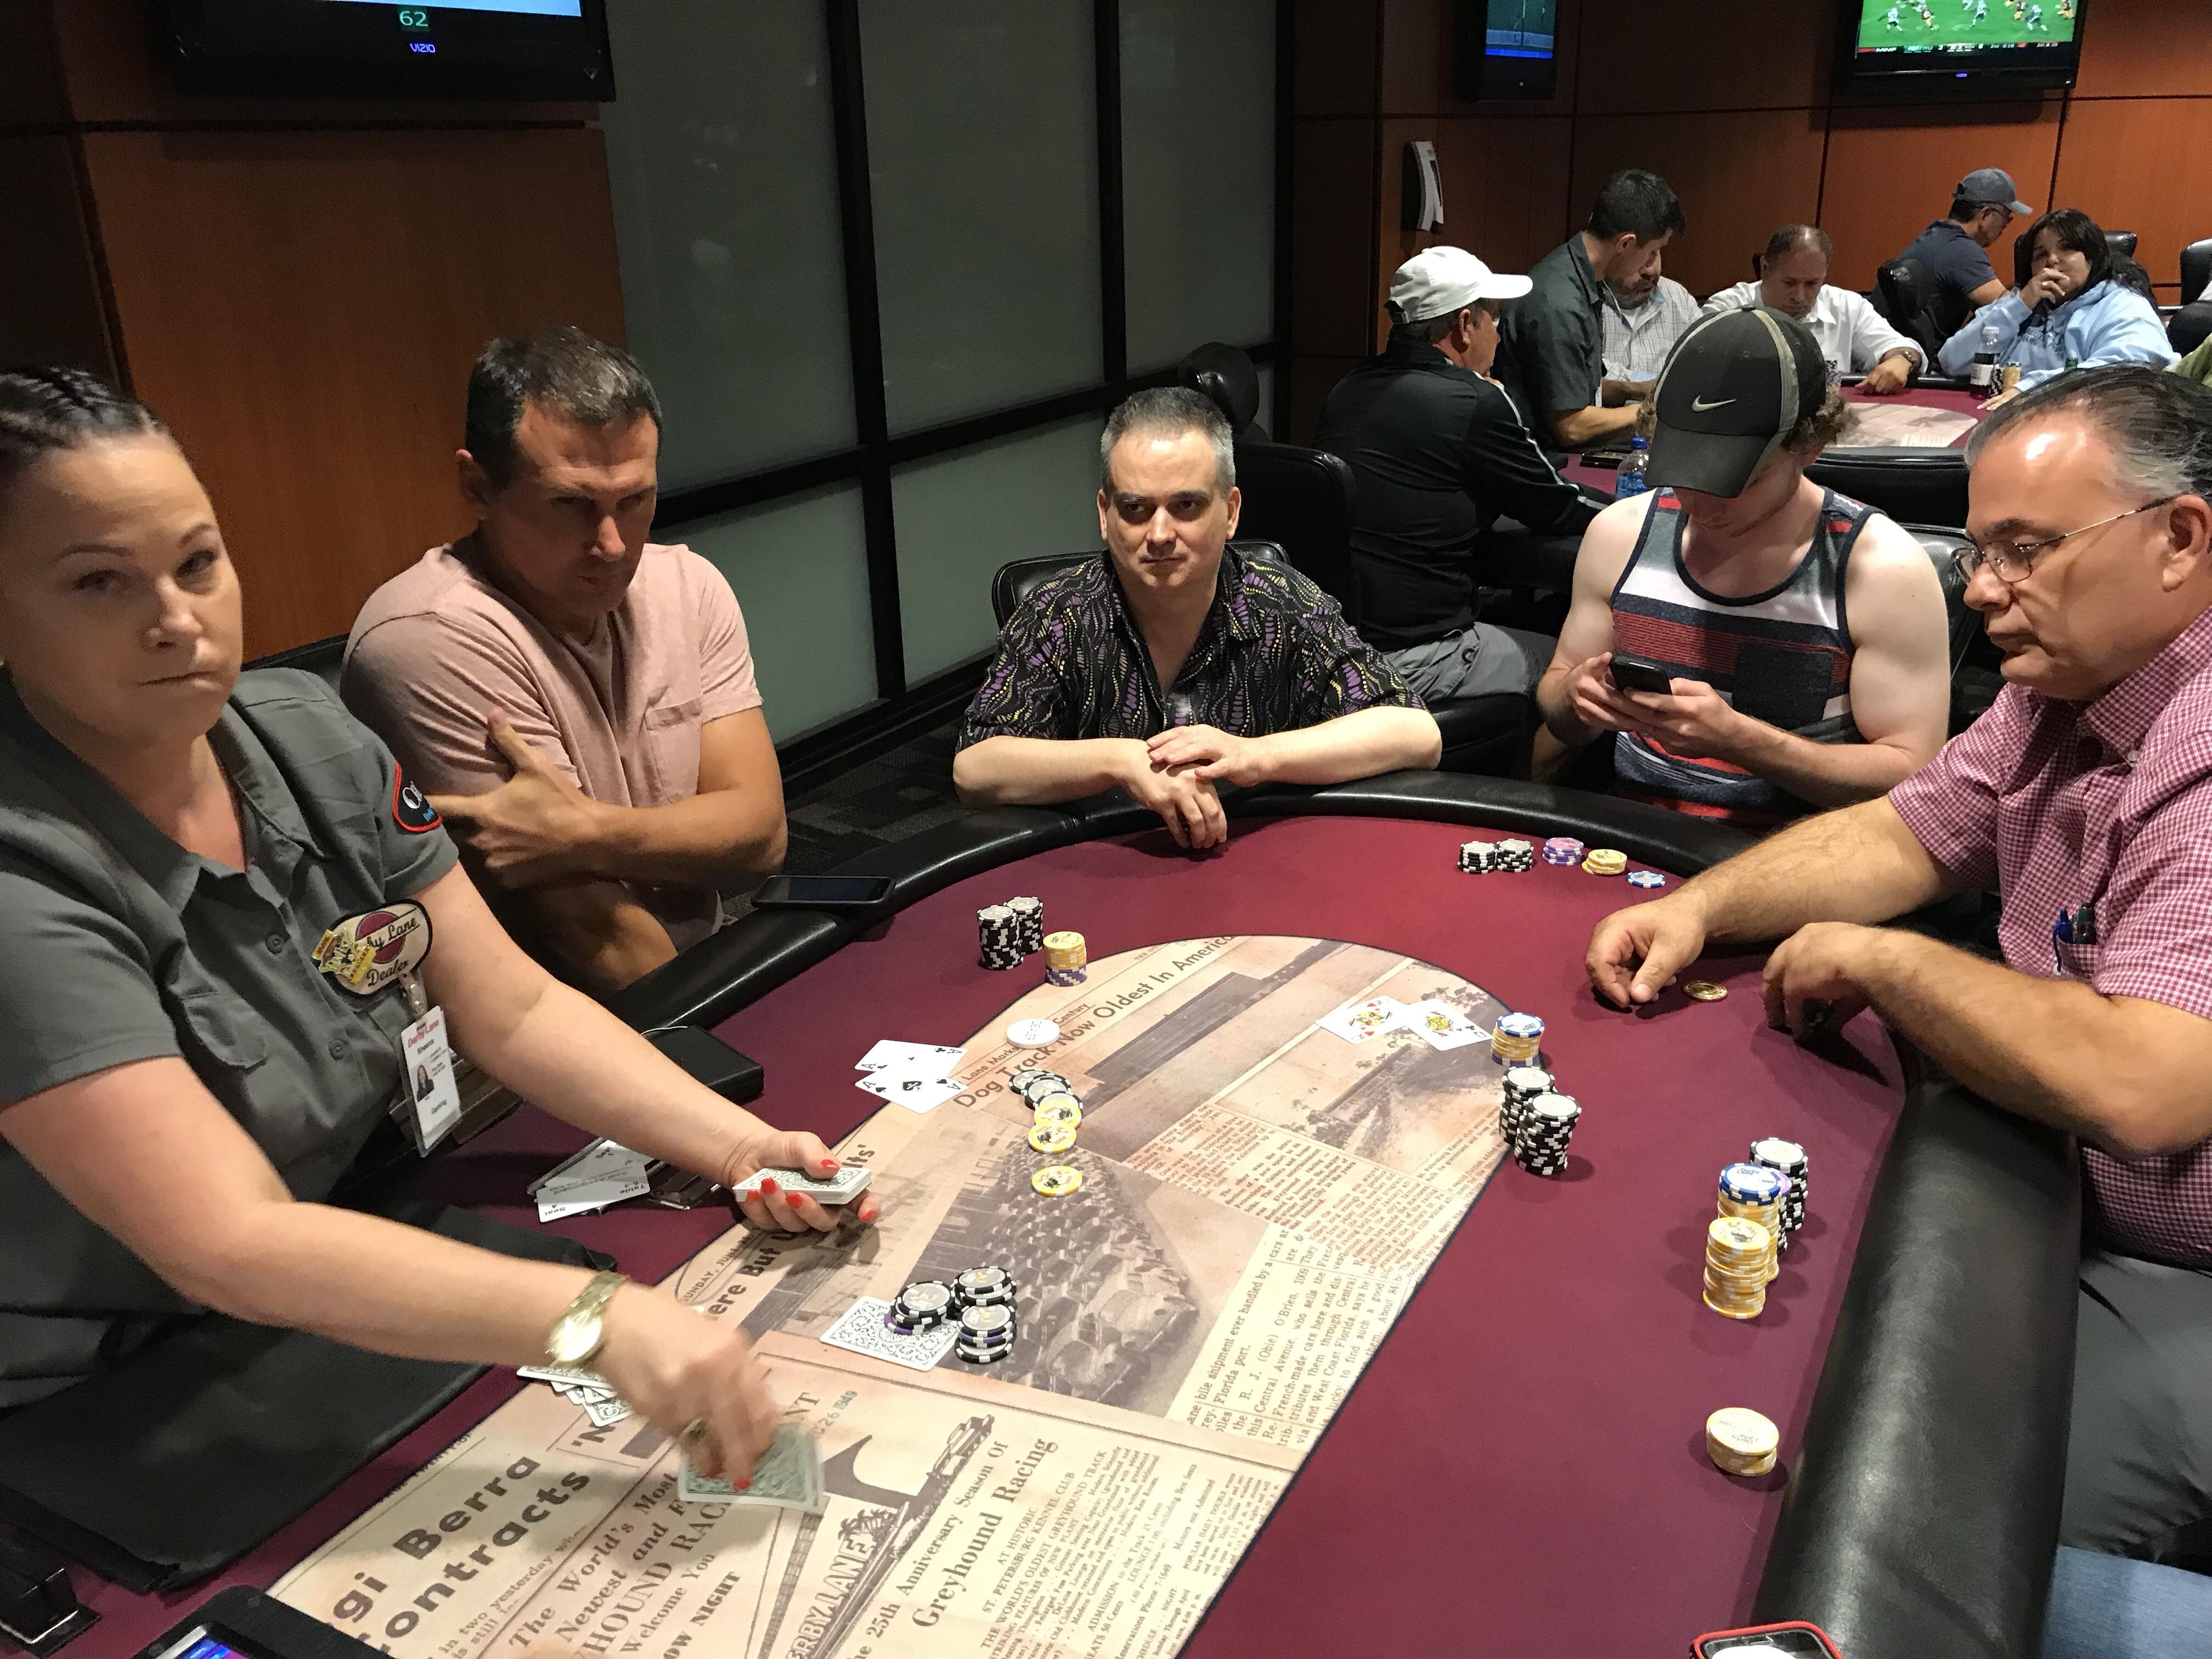 img_8958 – Tampa Bay Elite Poker League